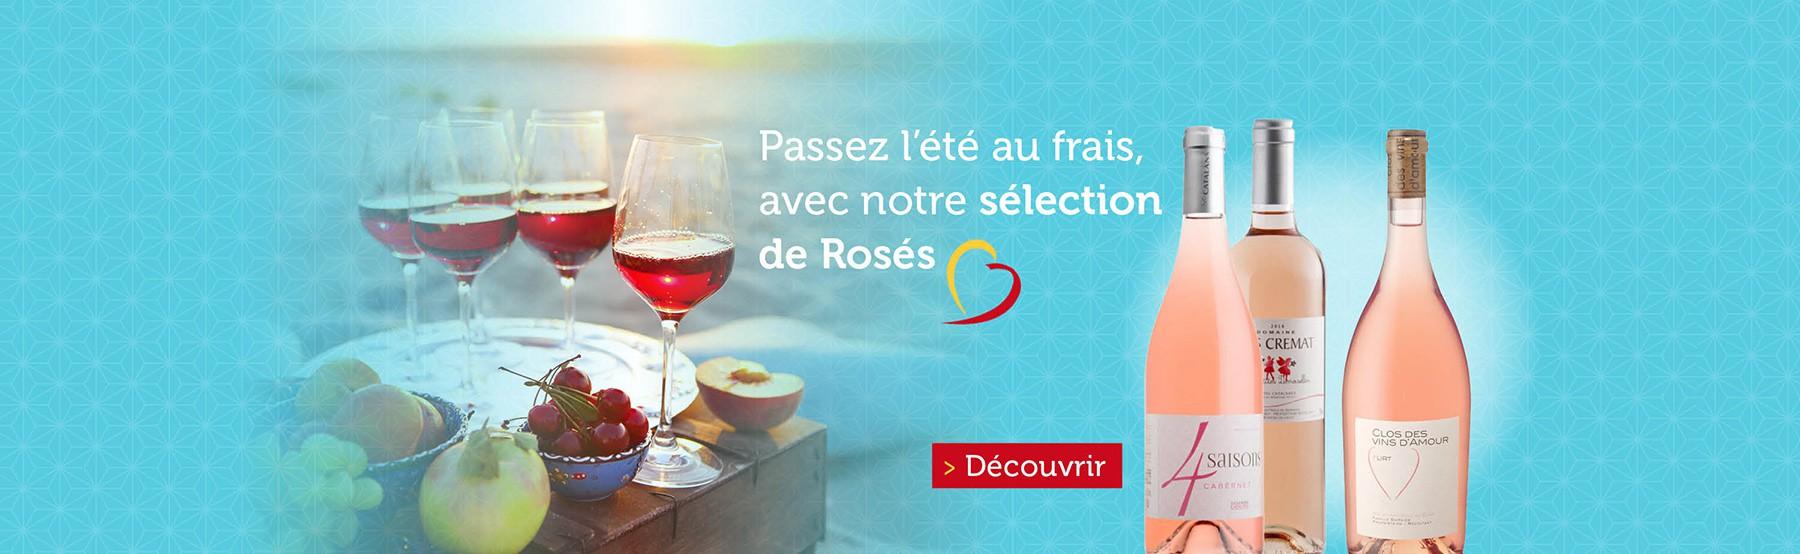 Vins Rosés 2016